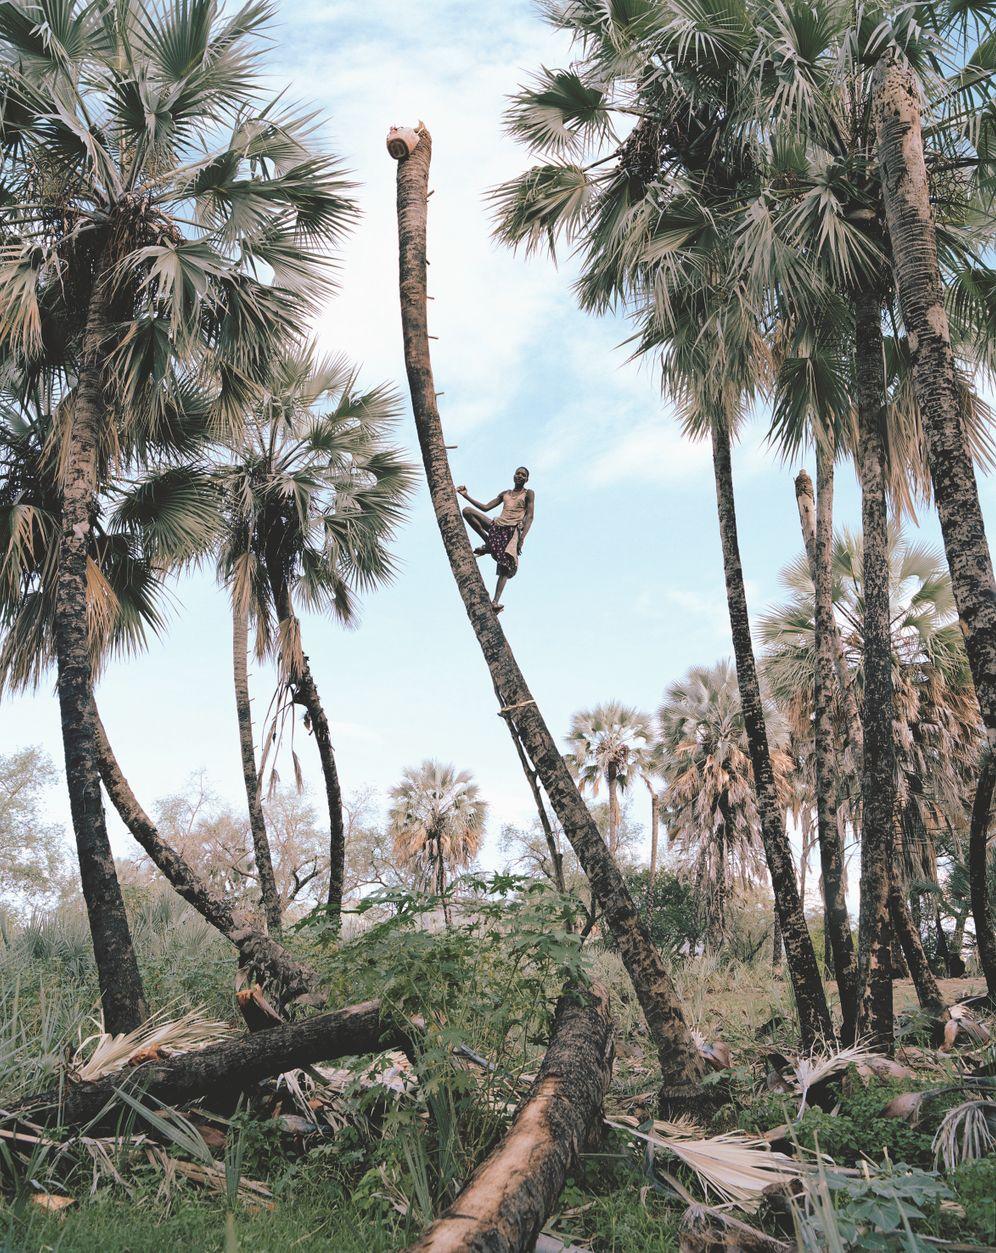 """Die Fotoserie """"Palm Wine Collectors"""" zeigt junge Männer vom Volk der Himba bei ihrer Arbeit in Namibia. Der Künstler Kyle Weeks hat die Aufnahmen in enger Zusammenarbeit mit ihnen gemacht"""